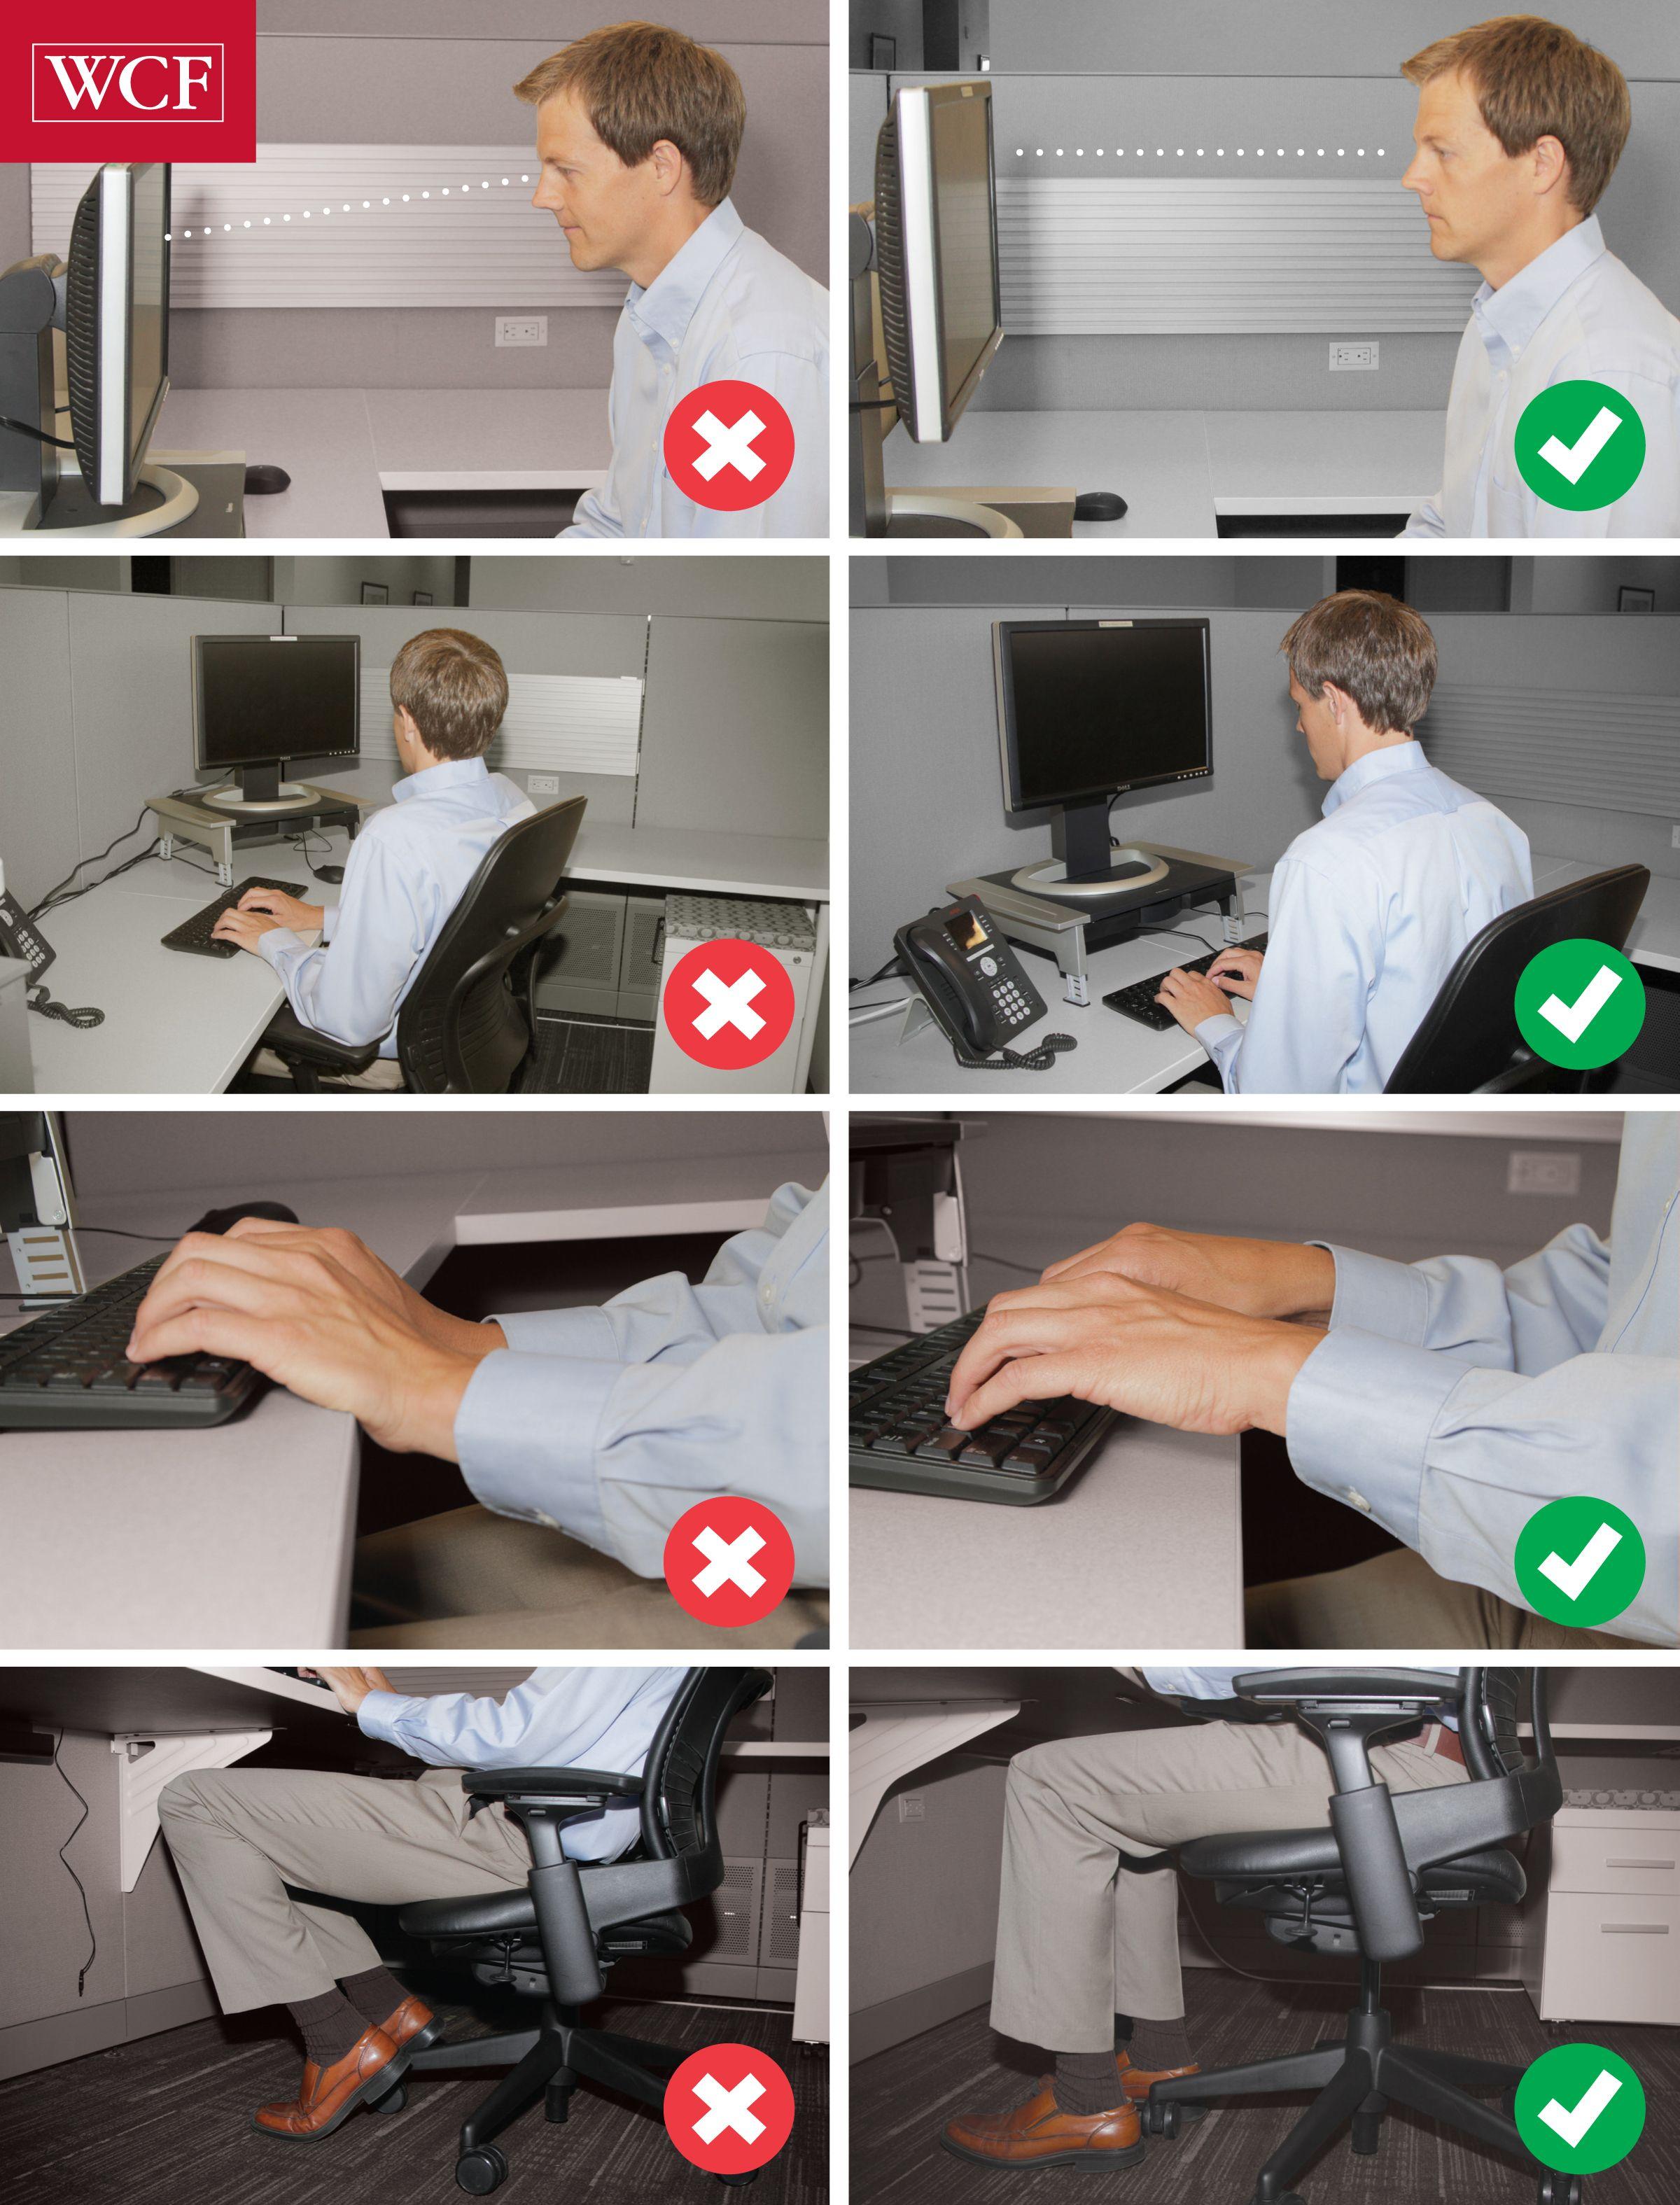 Posture good vs bad safety